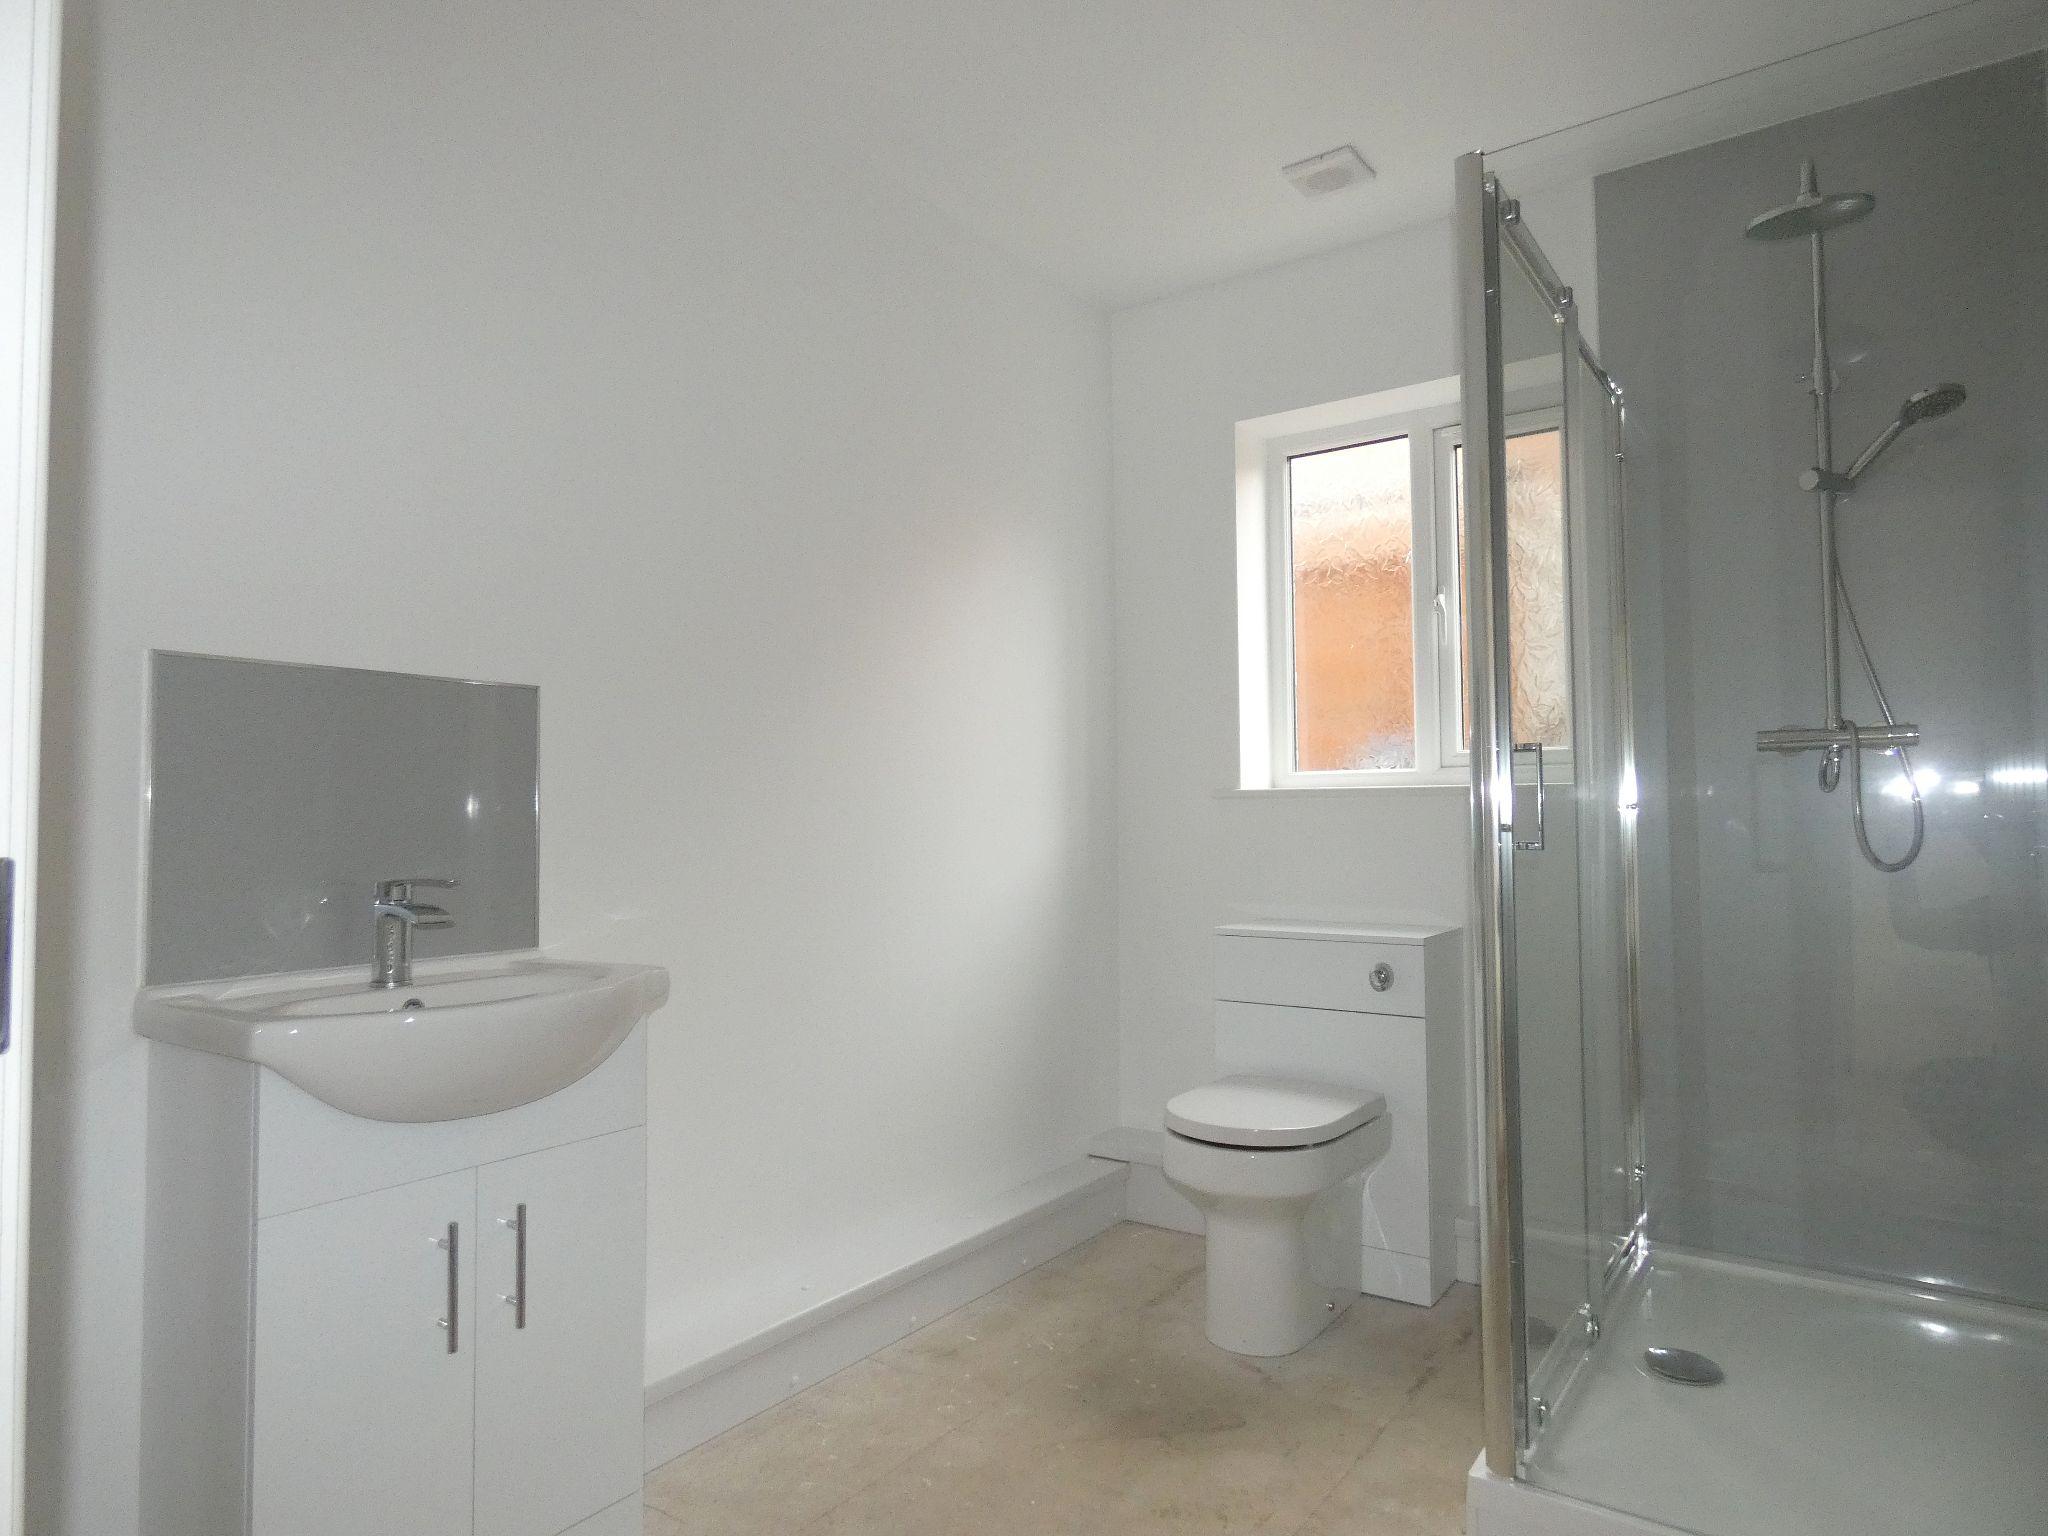 2 bedroom detached bungalow SSTC in Bishop Auckland - Shower Room/Wc.